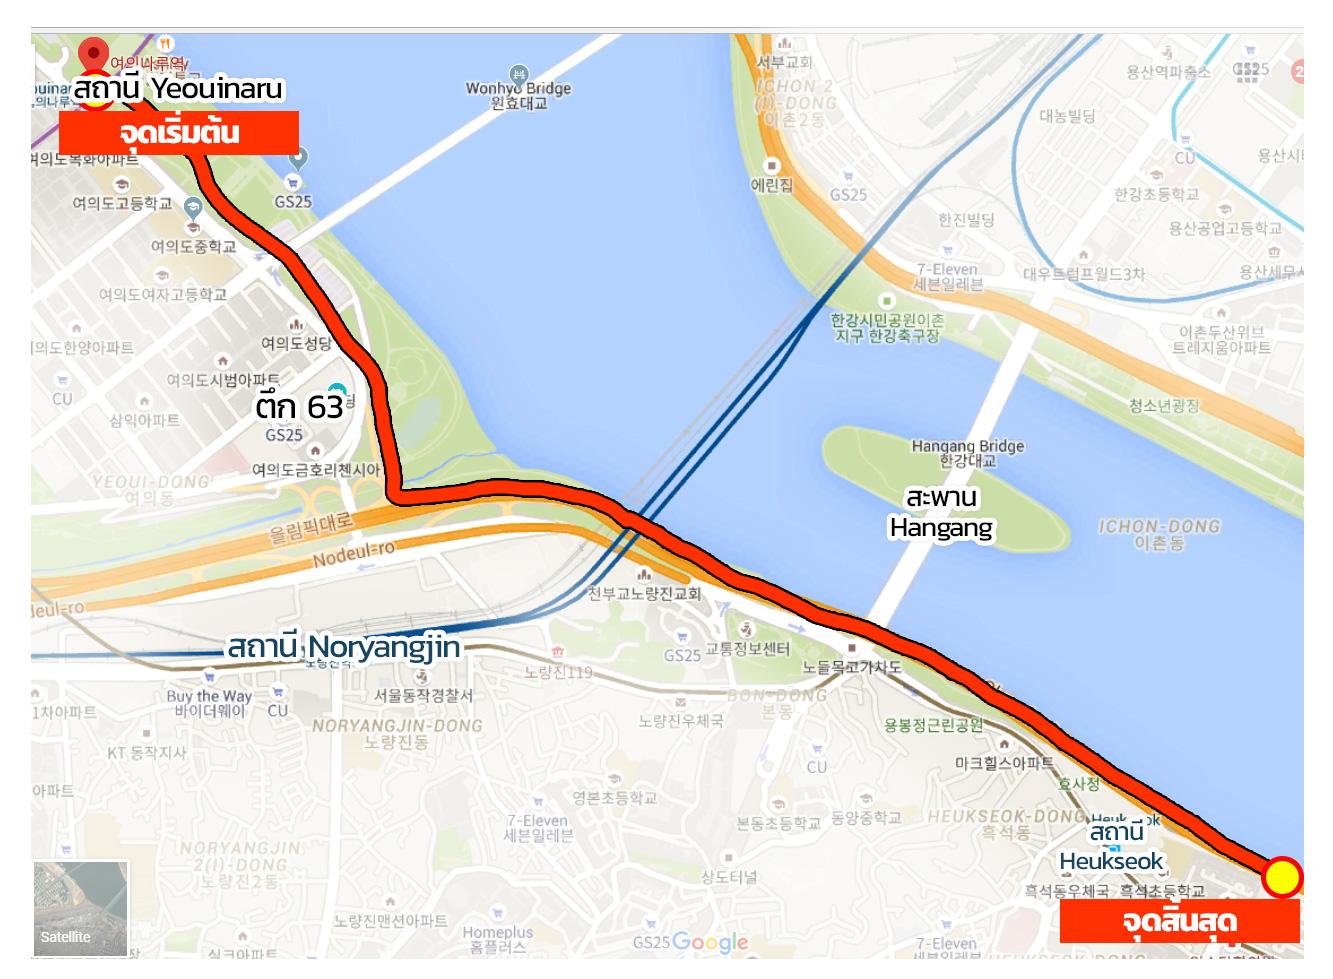 เส้นทางปั่นจักรยาน ริมแม่น้ำฮัน เกาหลี